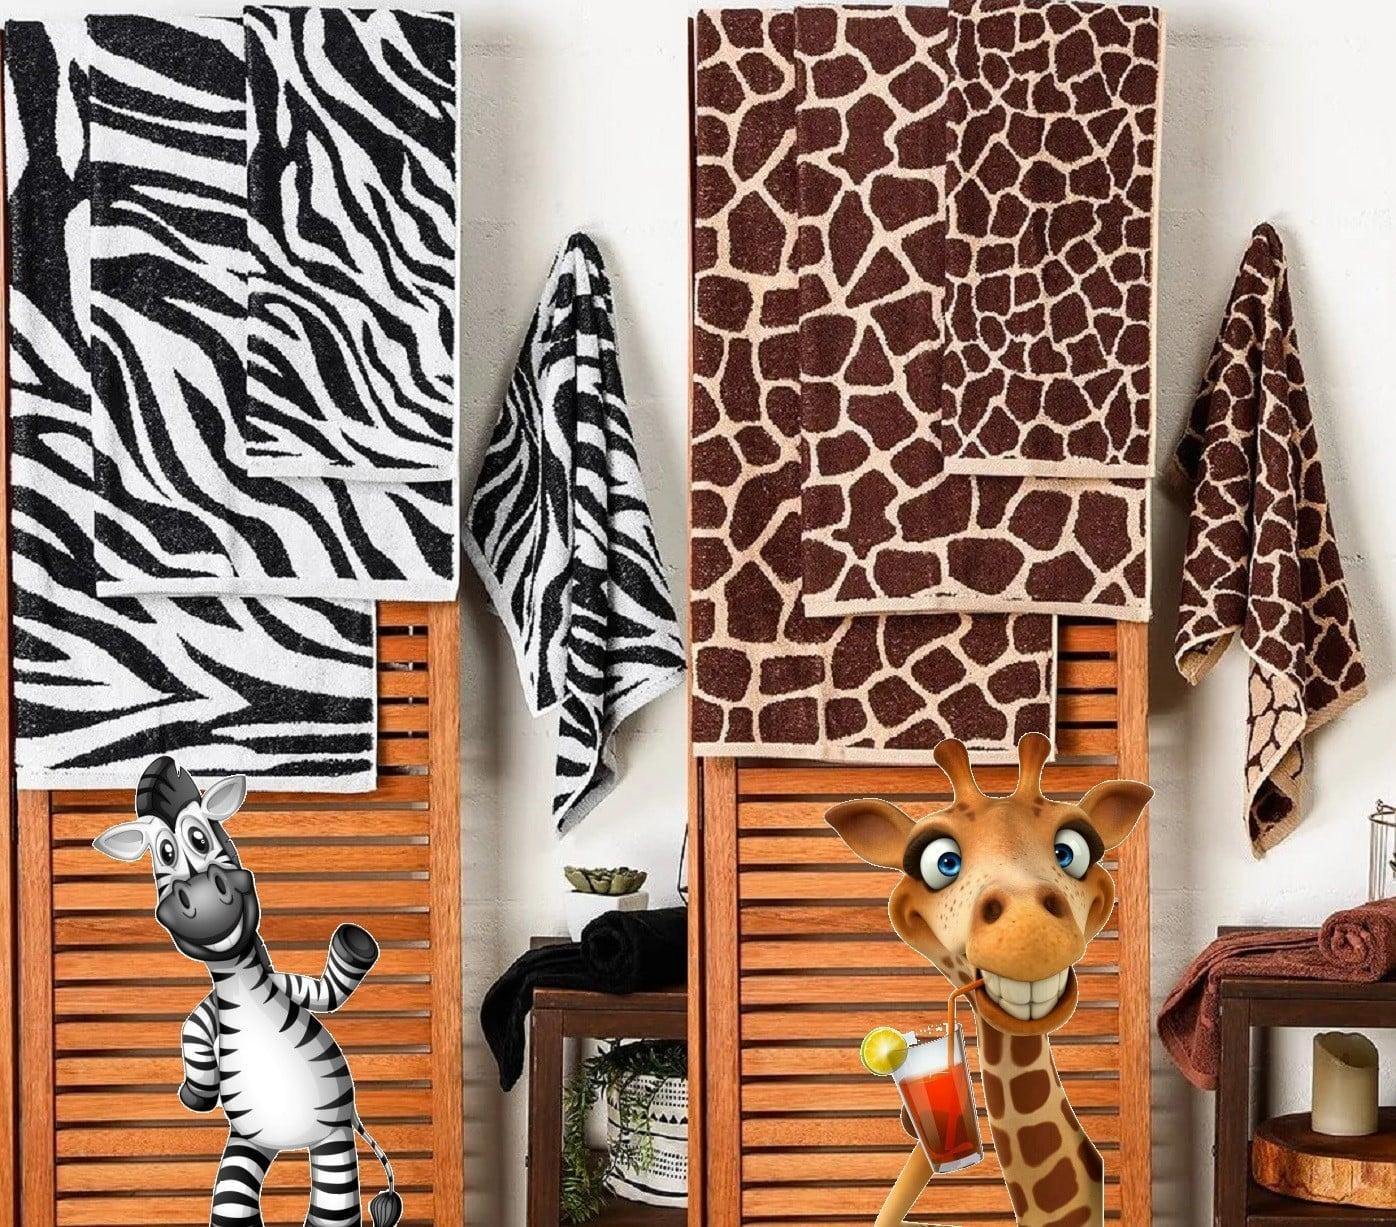 Jogo de Toalhas Banhão 5 Peças Fio Tinto África – Basic+